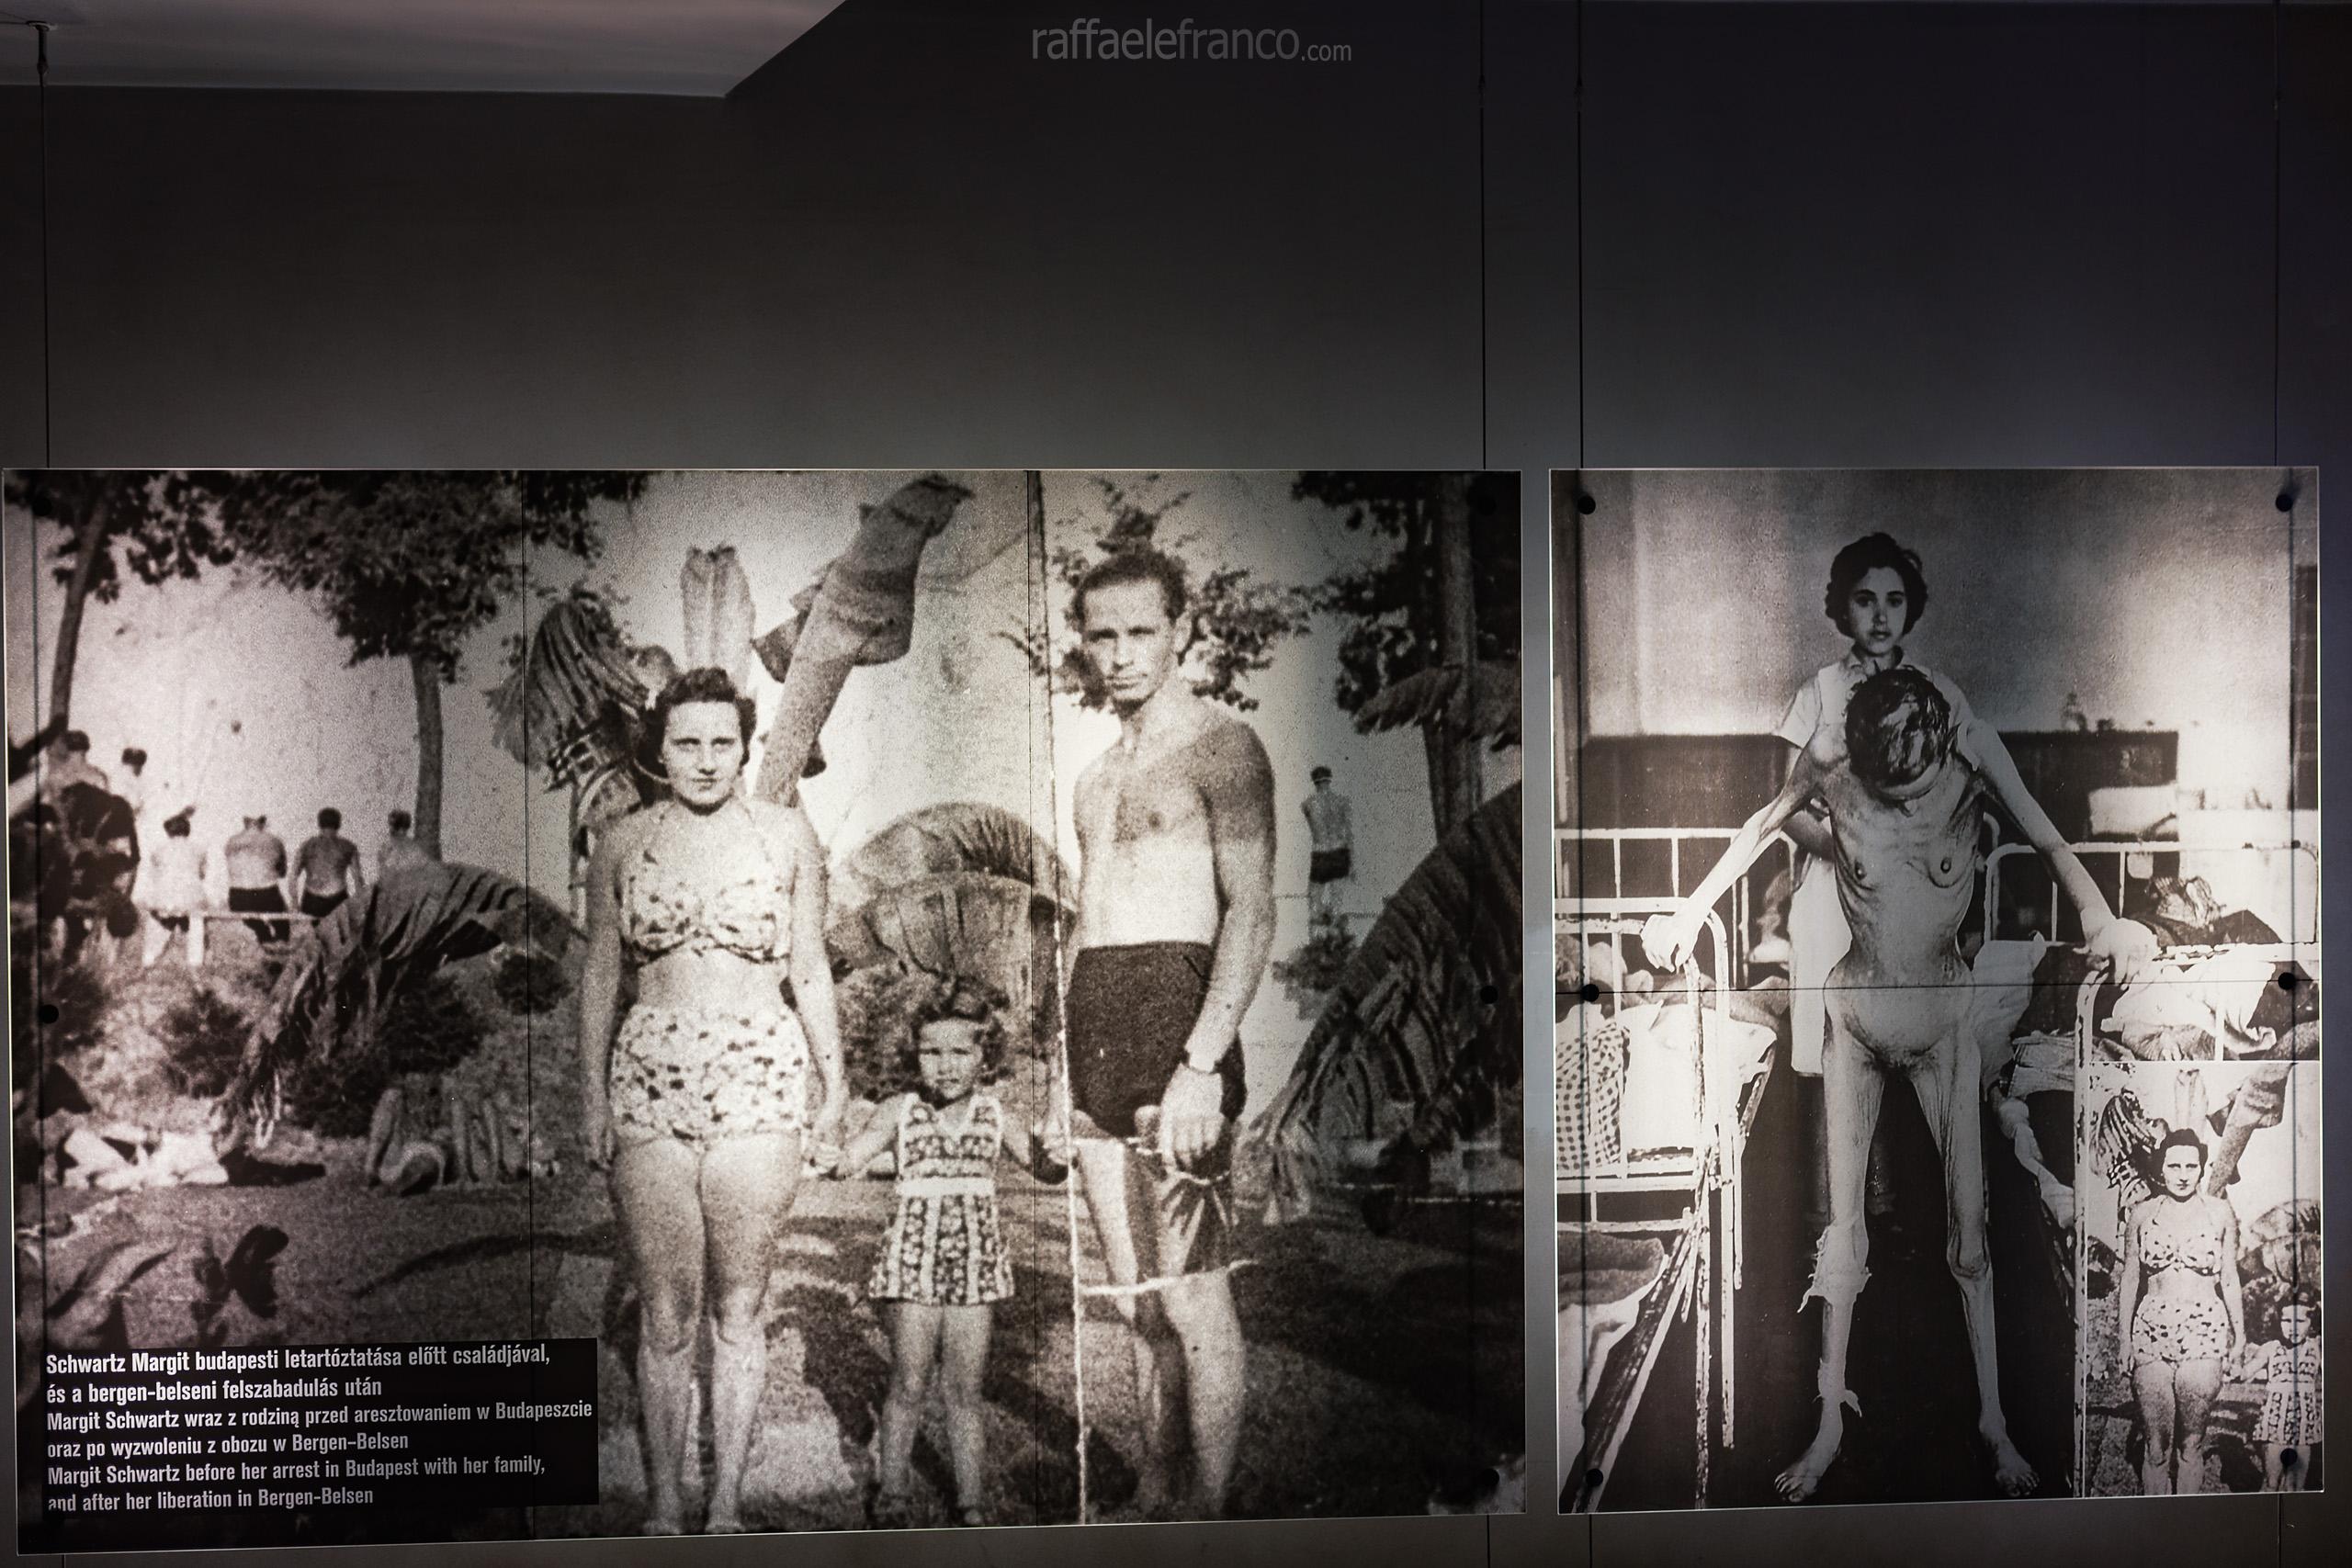 Le condizioni di una prigioniera dei campi di concentramento nazisti